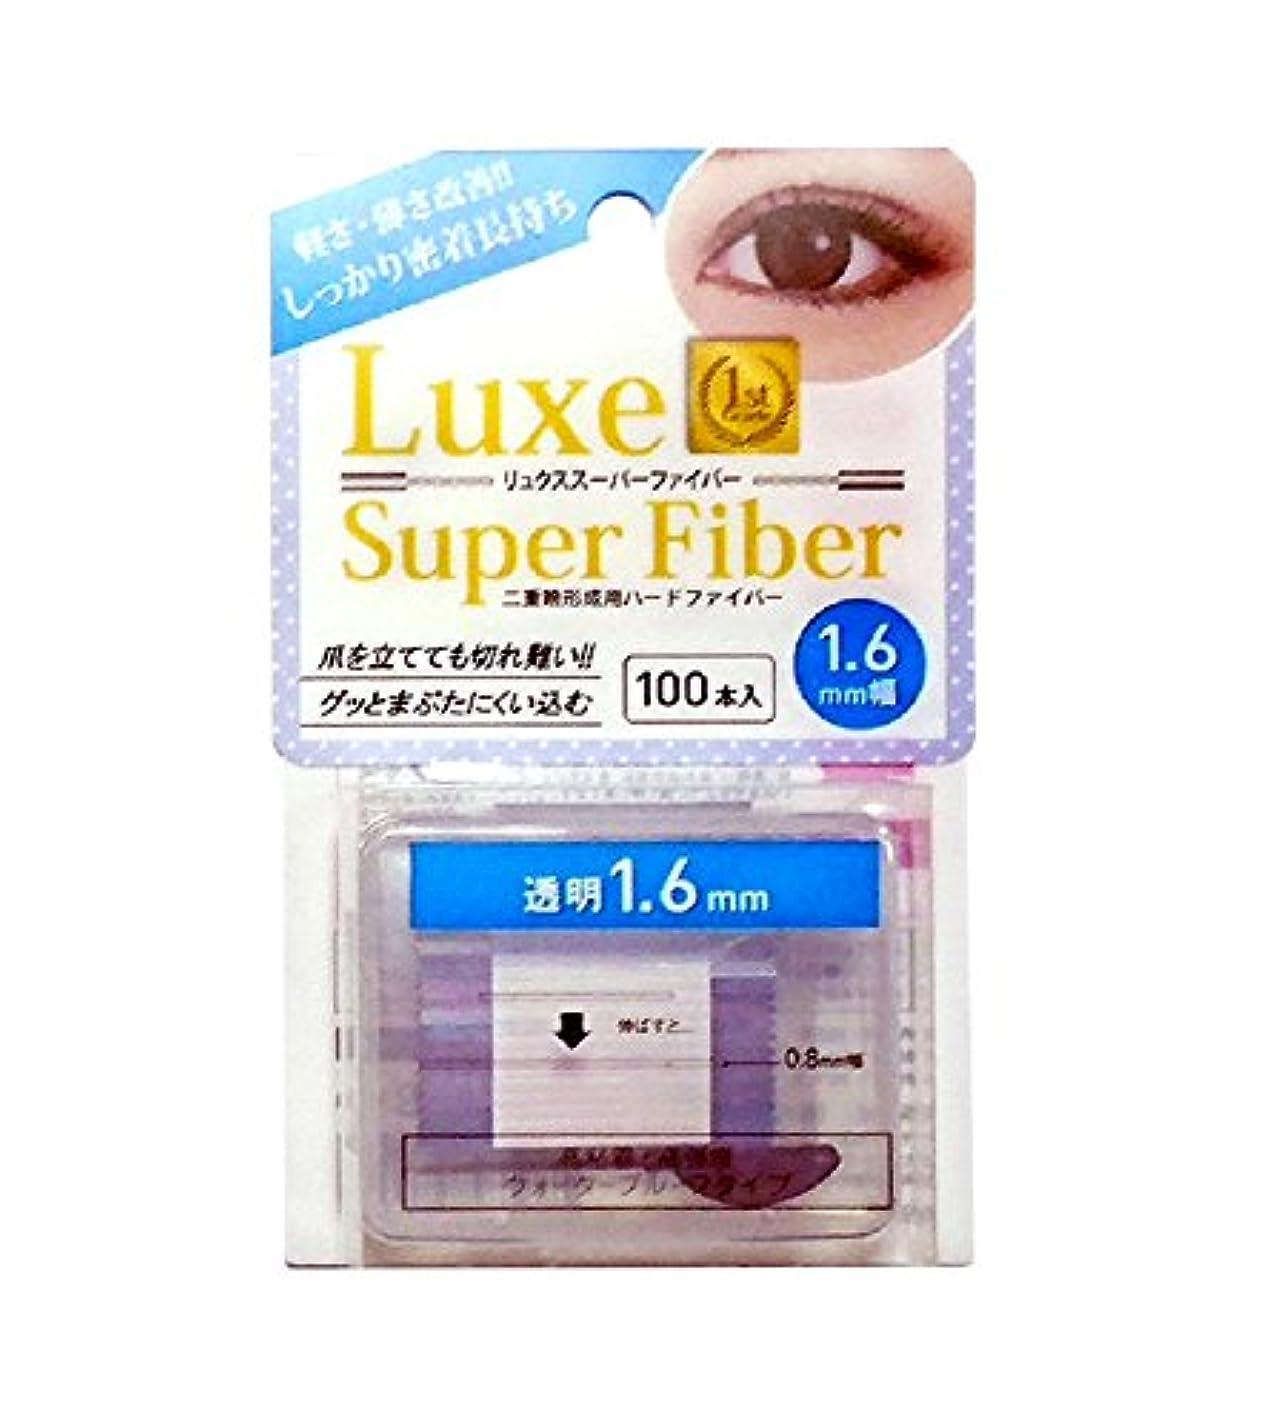 帰る防ぐ強化するLuxe(リュクス) スーパーファイバーII 透明 クリア 1.6mm 100本入り